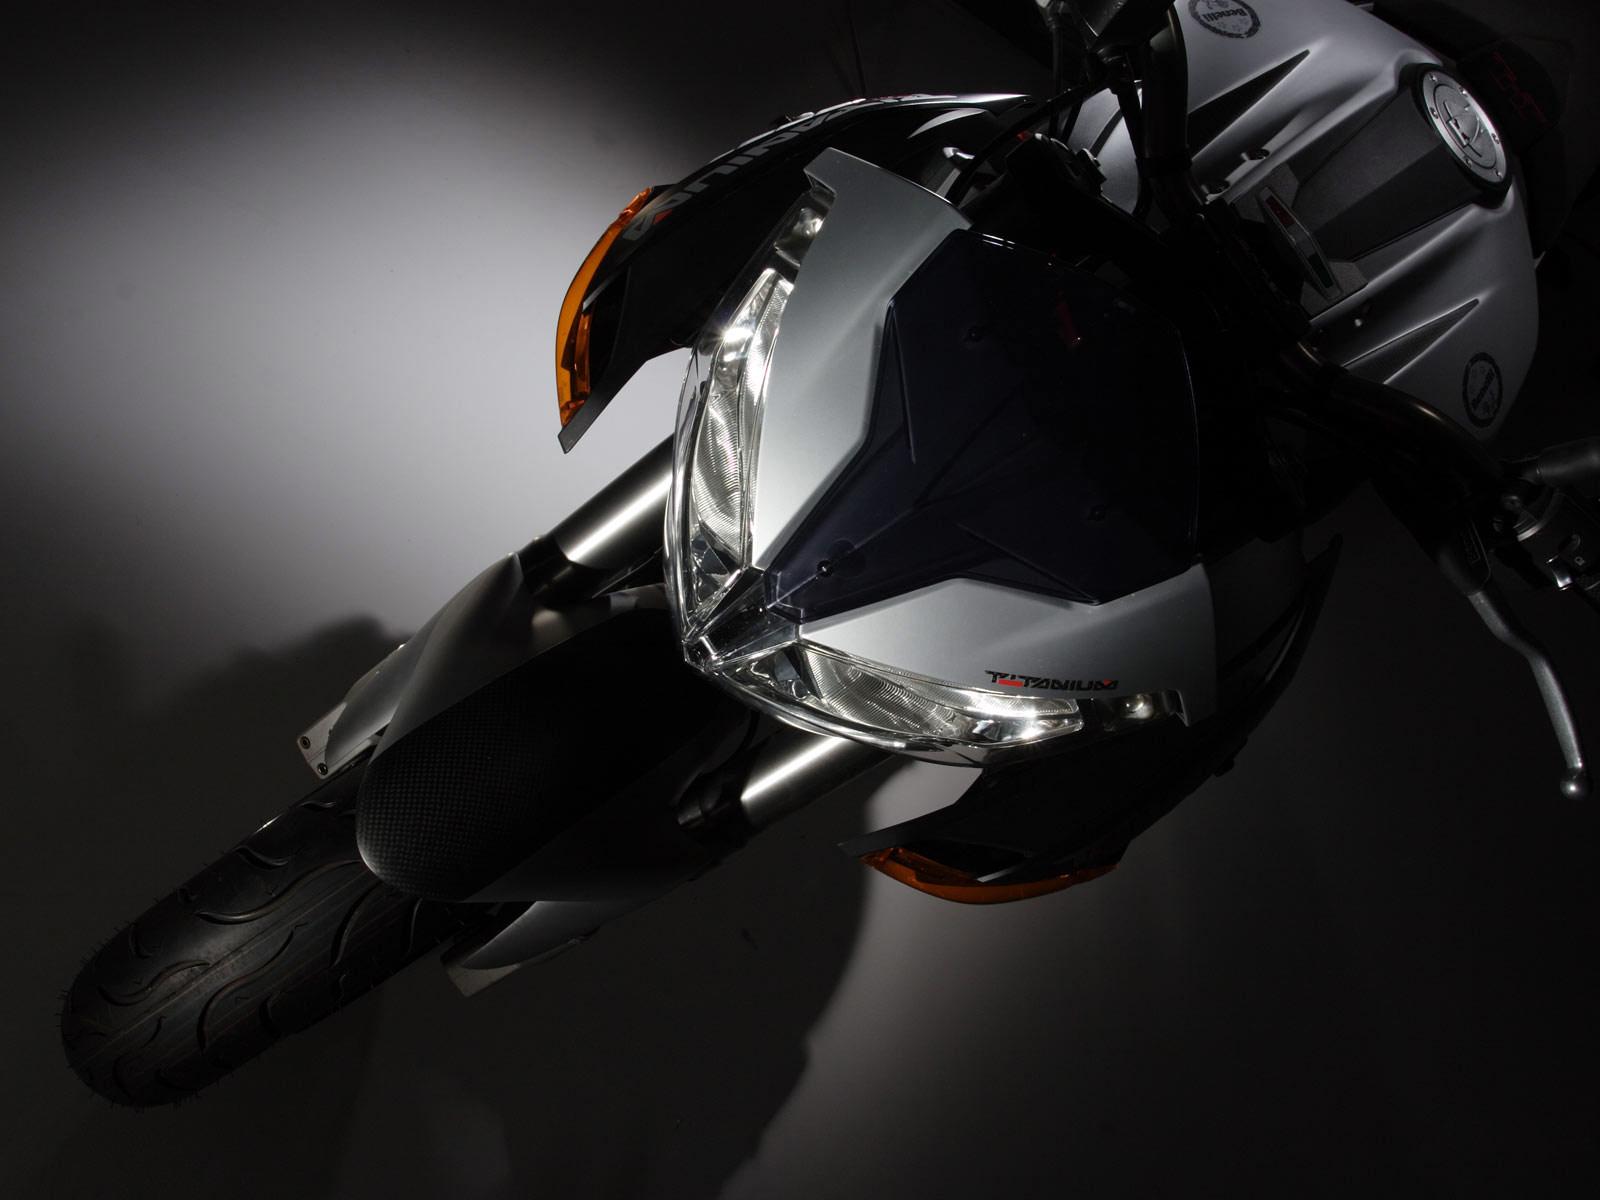 http://2.bp.blogspot.com/-pQgaawZZq0U/TqtyqvRuRYI/AAAAAAAACzQ/uOz5SoTpG2g/s1600/2006_benelli_tnt_titanium_motorcycle-desktop-wallpaper_4.jpg